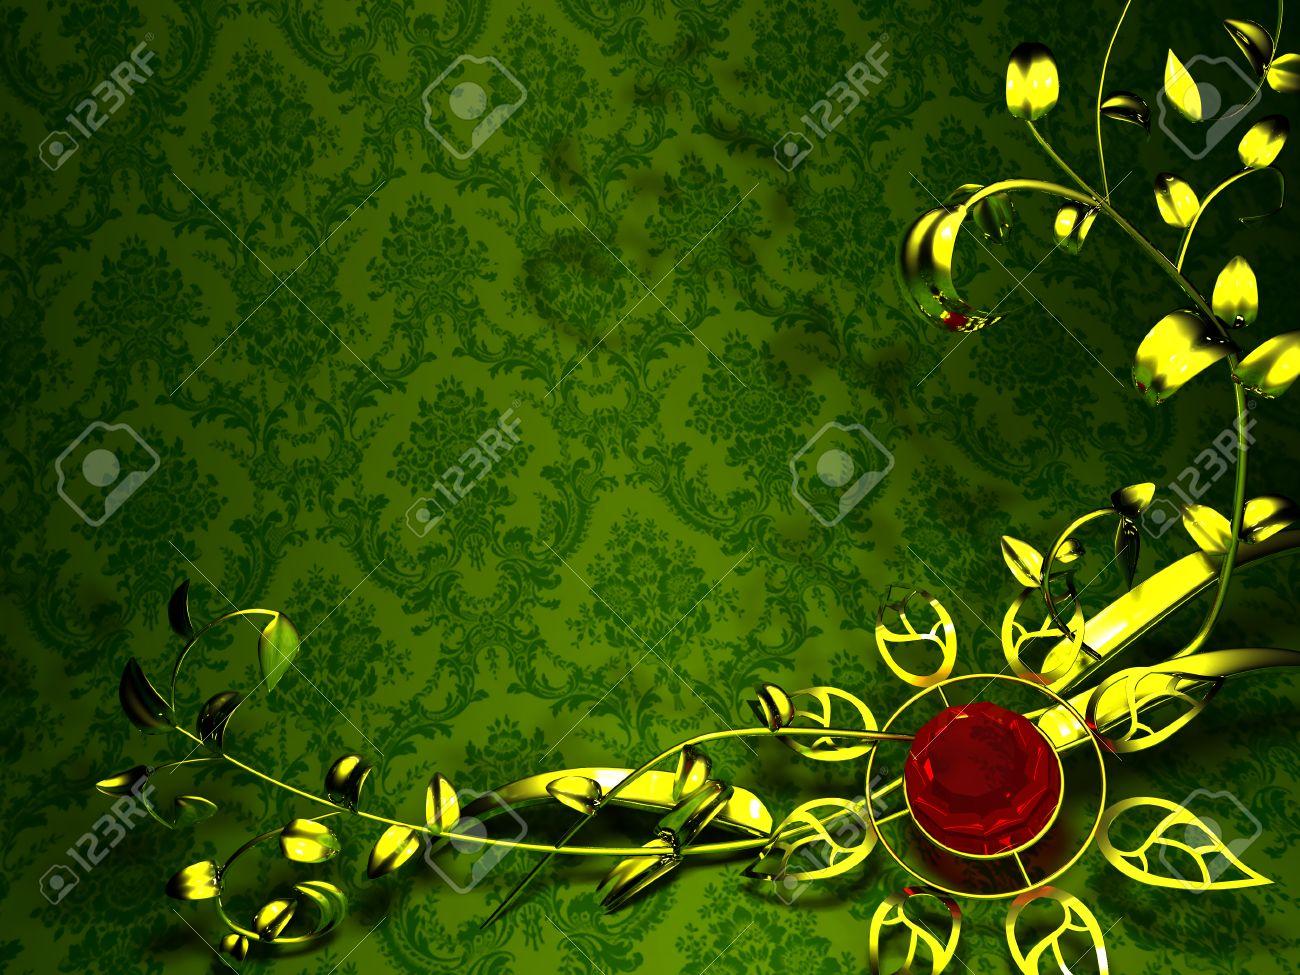 Gold Floral Design On A Background Of Vintage Green Wallpaper